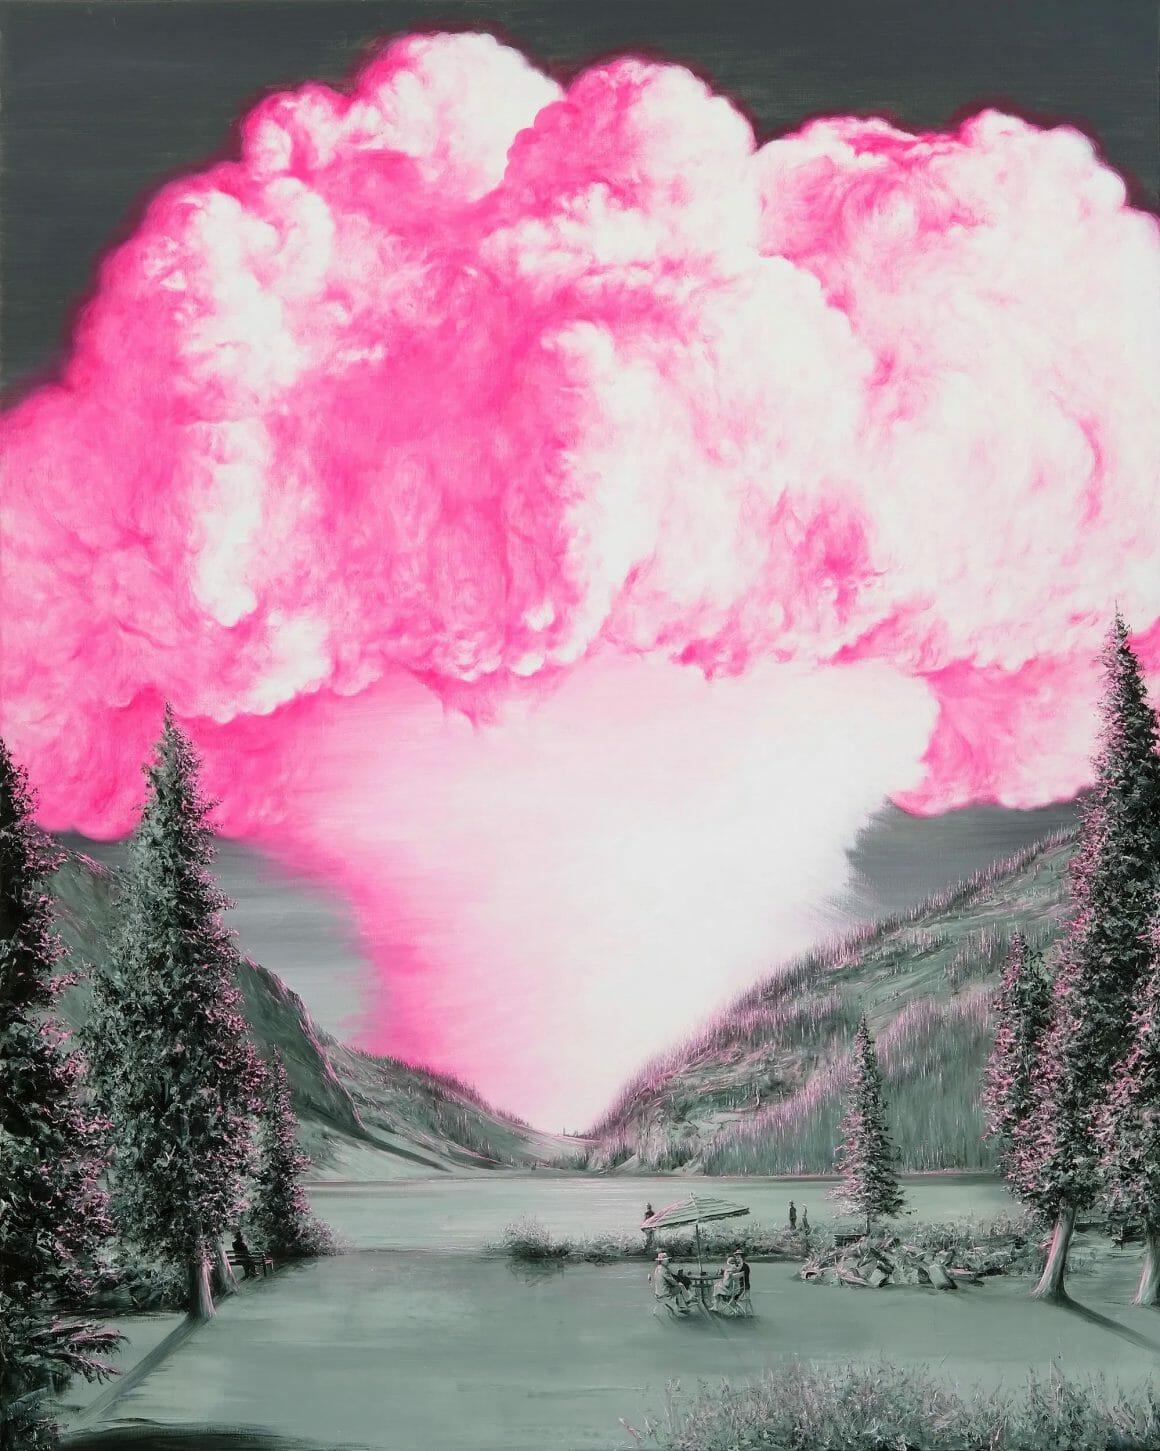 Plan d'un paysage en noir et blanc d'un lac de montagne, devant lequel une famille est attablée. Au fond, un nuage rose en champignon émet du sol.